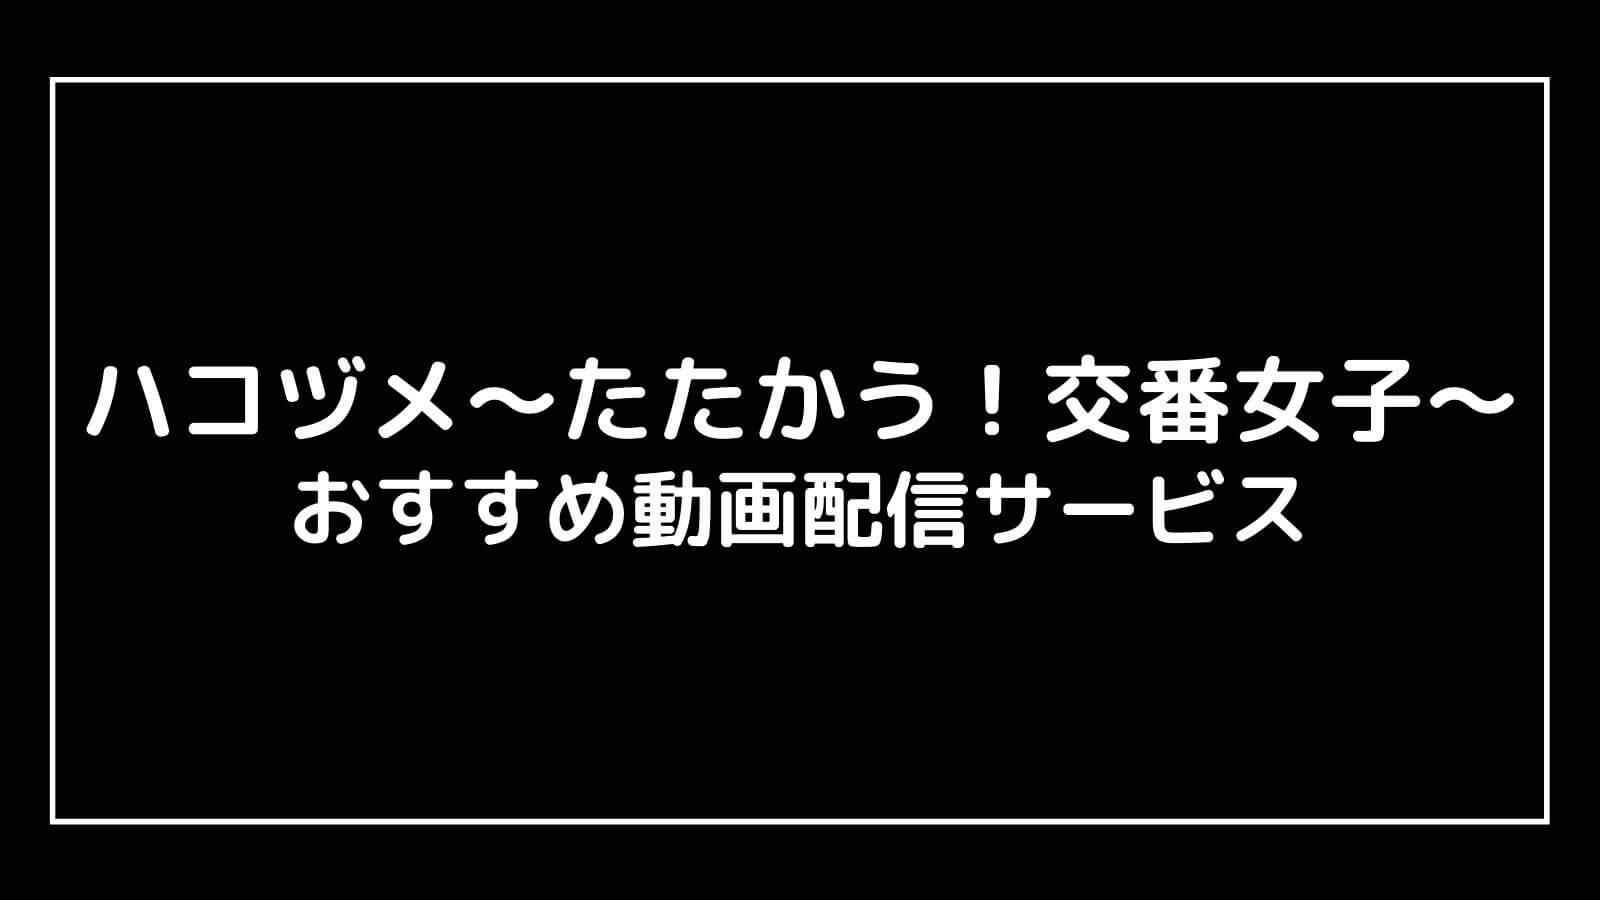 『ハコヅメ〜たたかう!交番女子〜』の見逃し配信を無料視聴できるおすすめ動画配信サイト